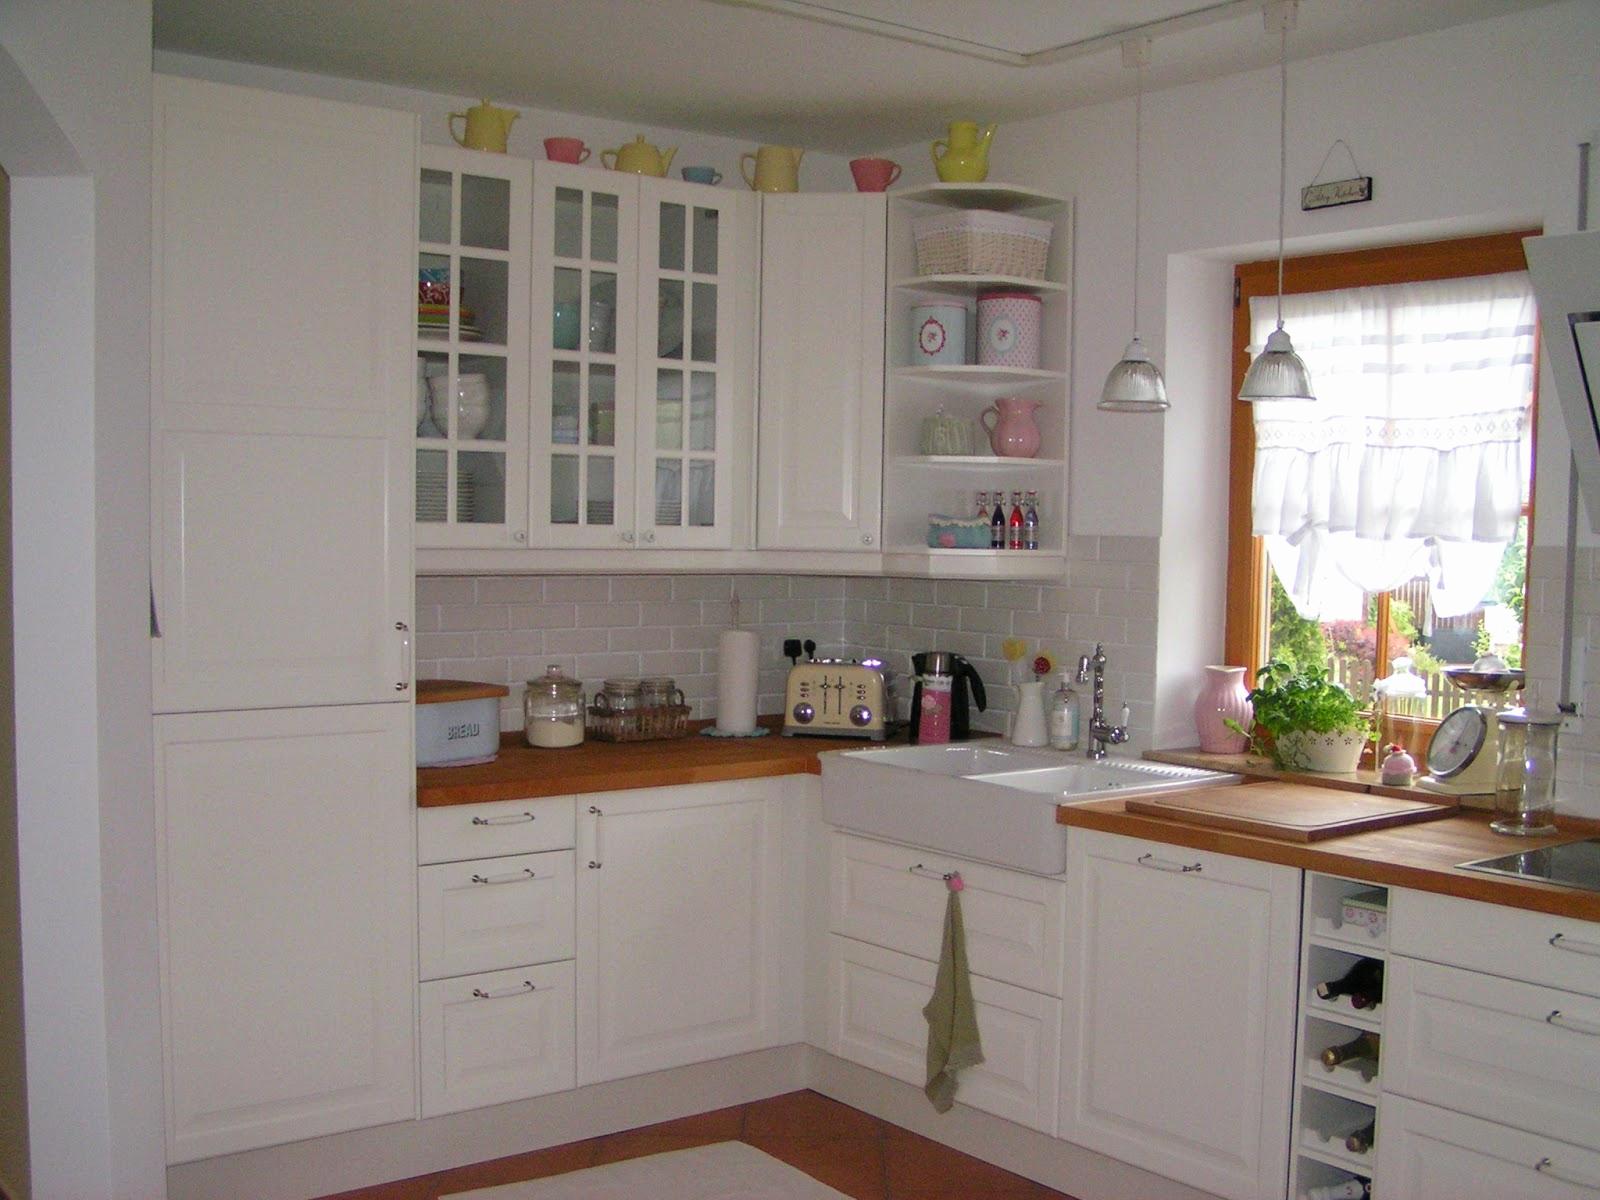 Ikea Cuisine toulouse Meilleur De Image Ikea Cuisine toulouse élégant Cuisine Bodbyn Good Ett Lantligt Kk I